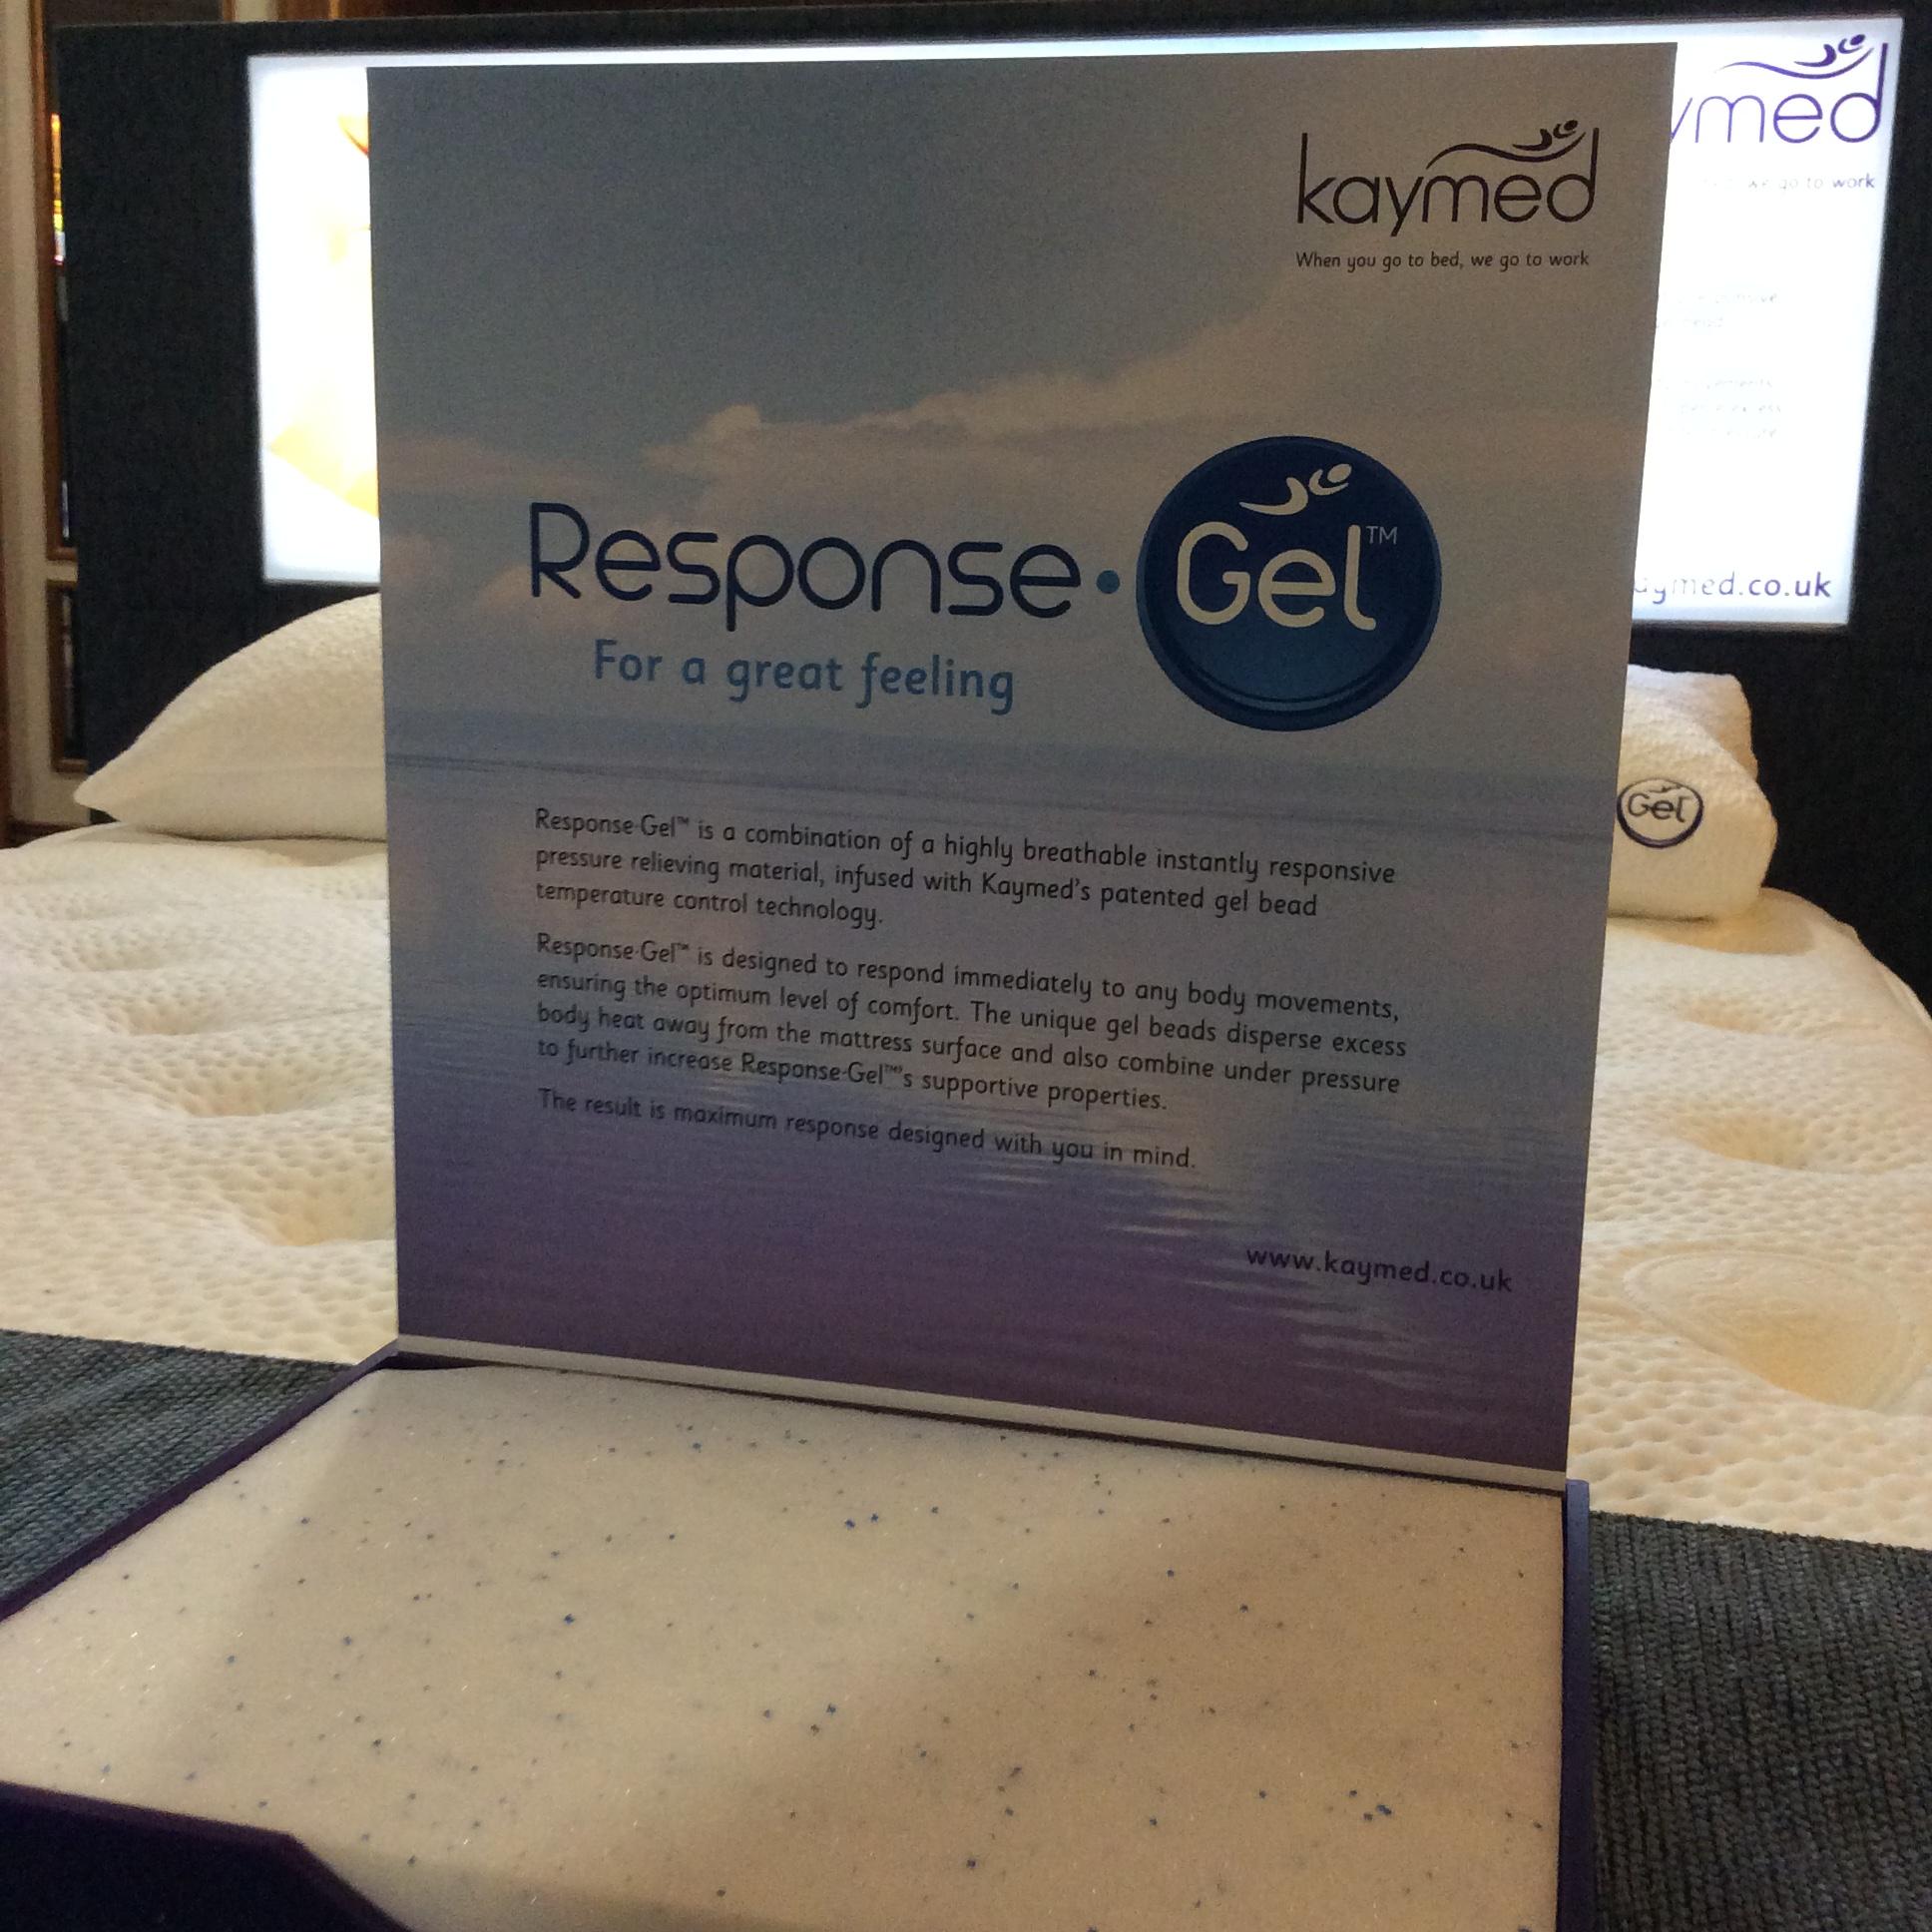 Kaymed Response Gel